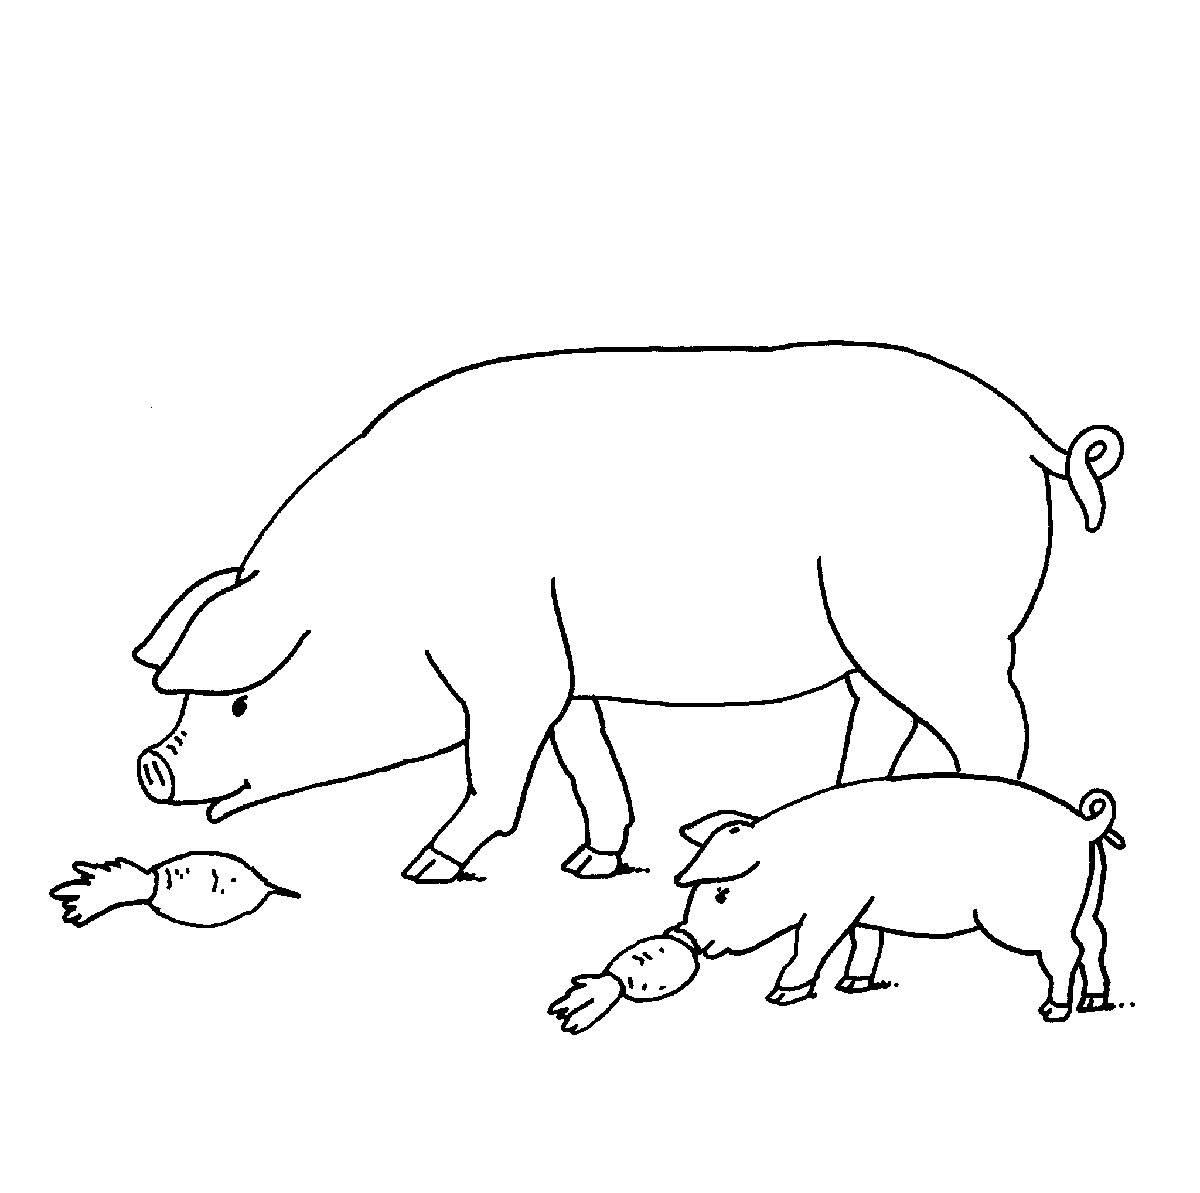 Ausmalbild Bauernhof: Schweine auf dem Bauernhof kostenlos ausdrucken